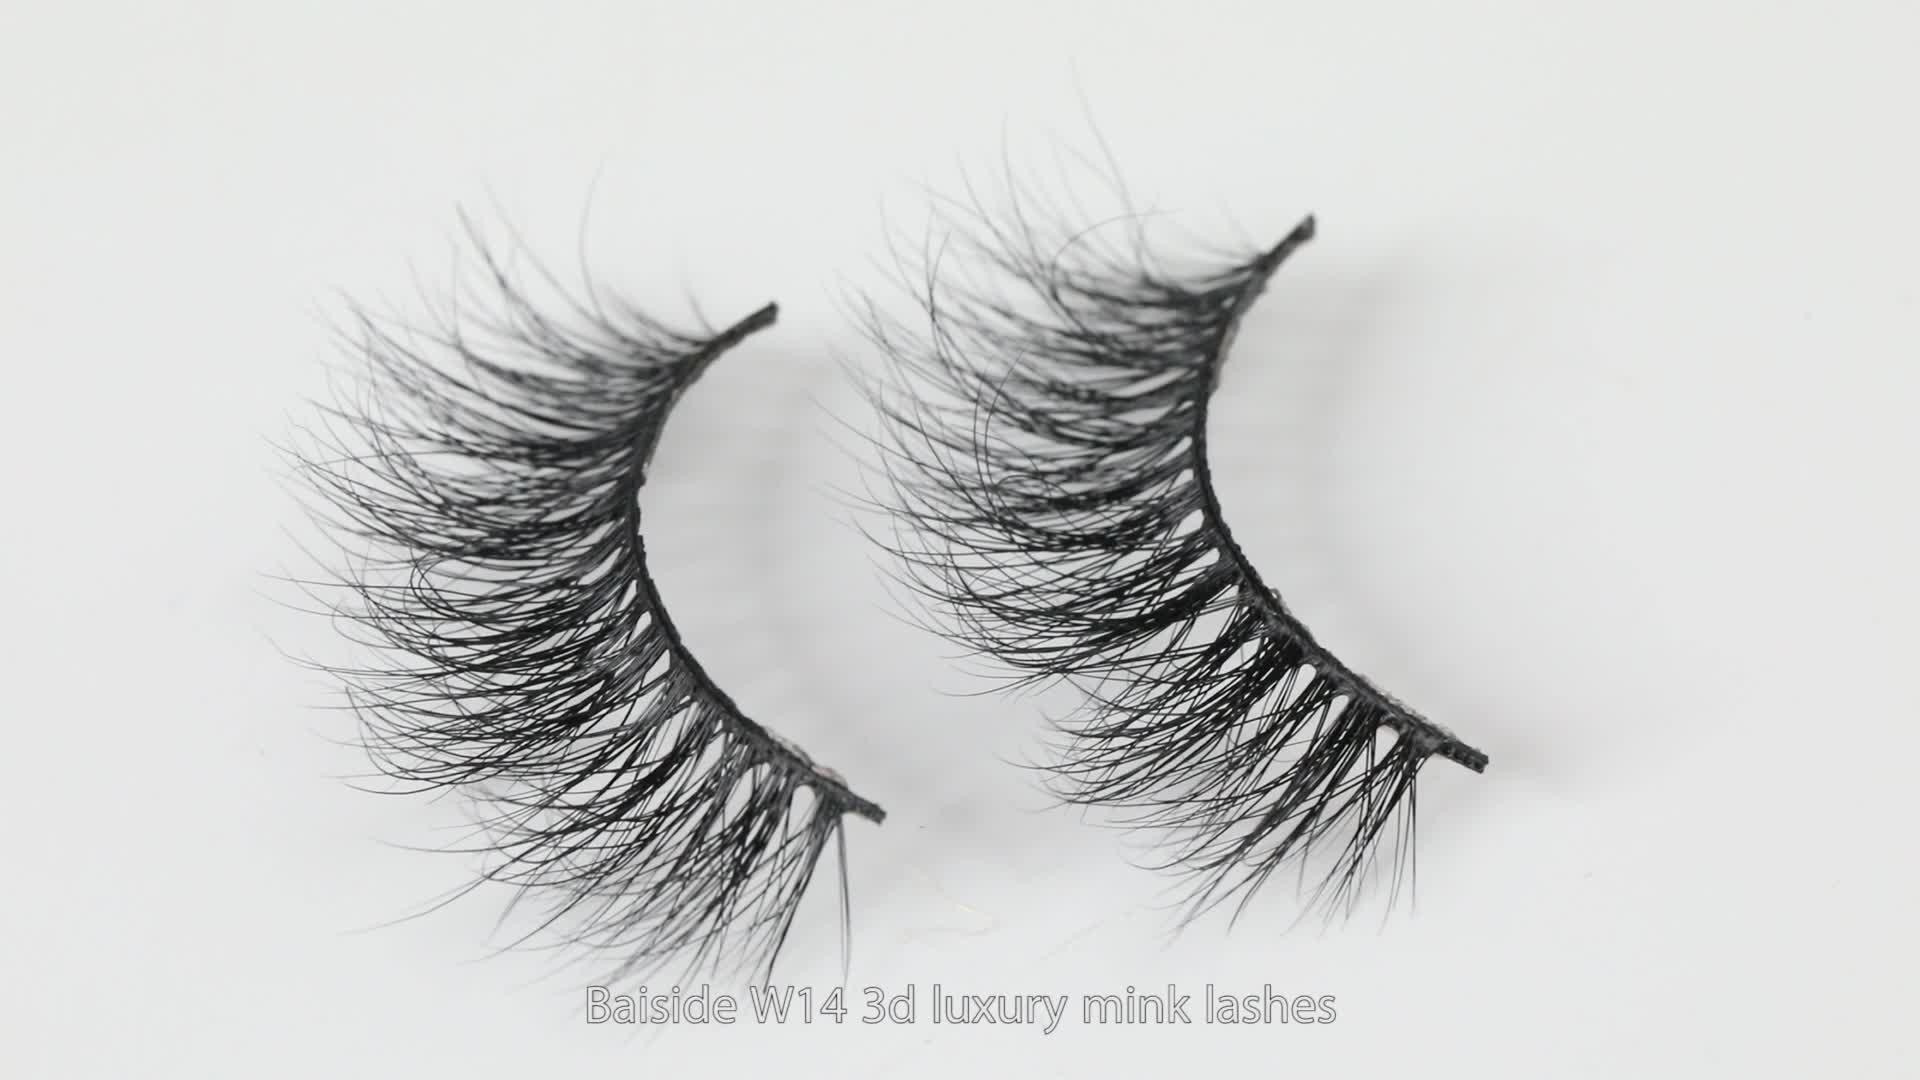 ออกแบบบรรจุภัณฑ์กล่อง 3d Mink ขนตาปลอมขาย